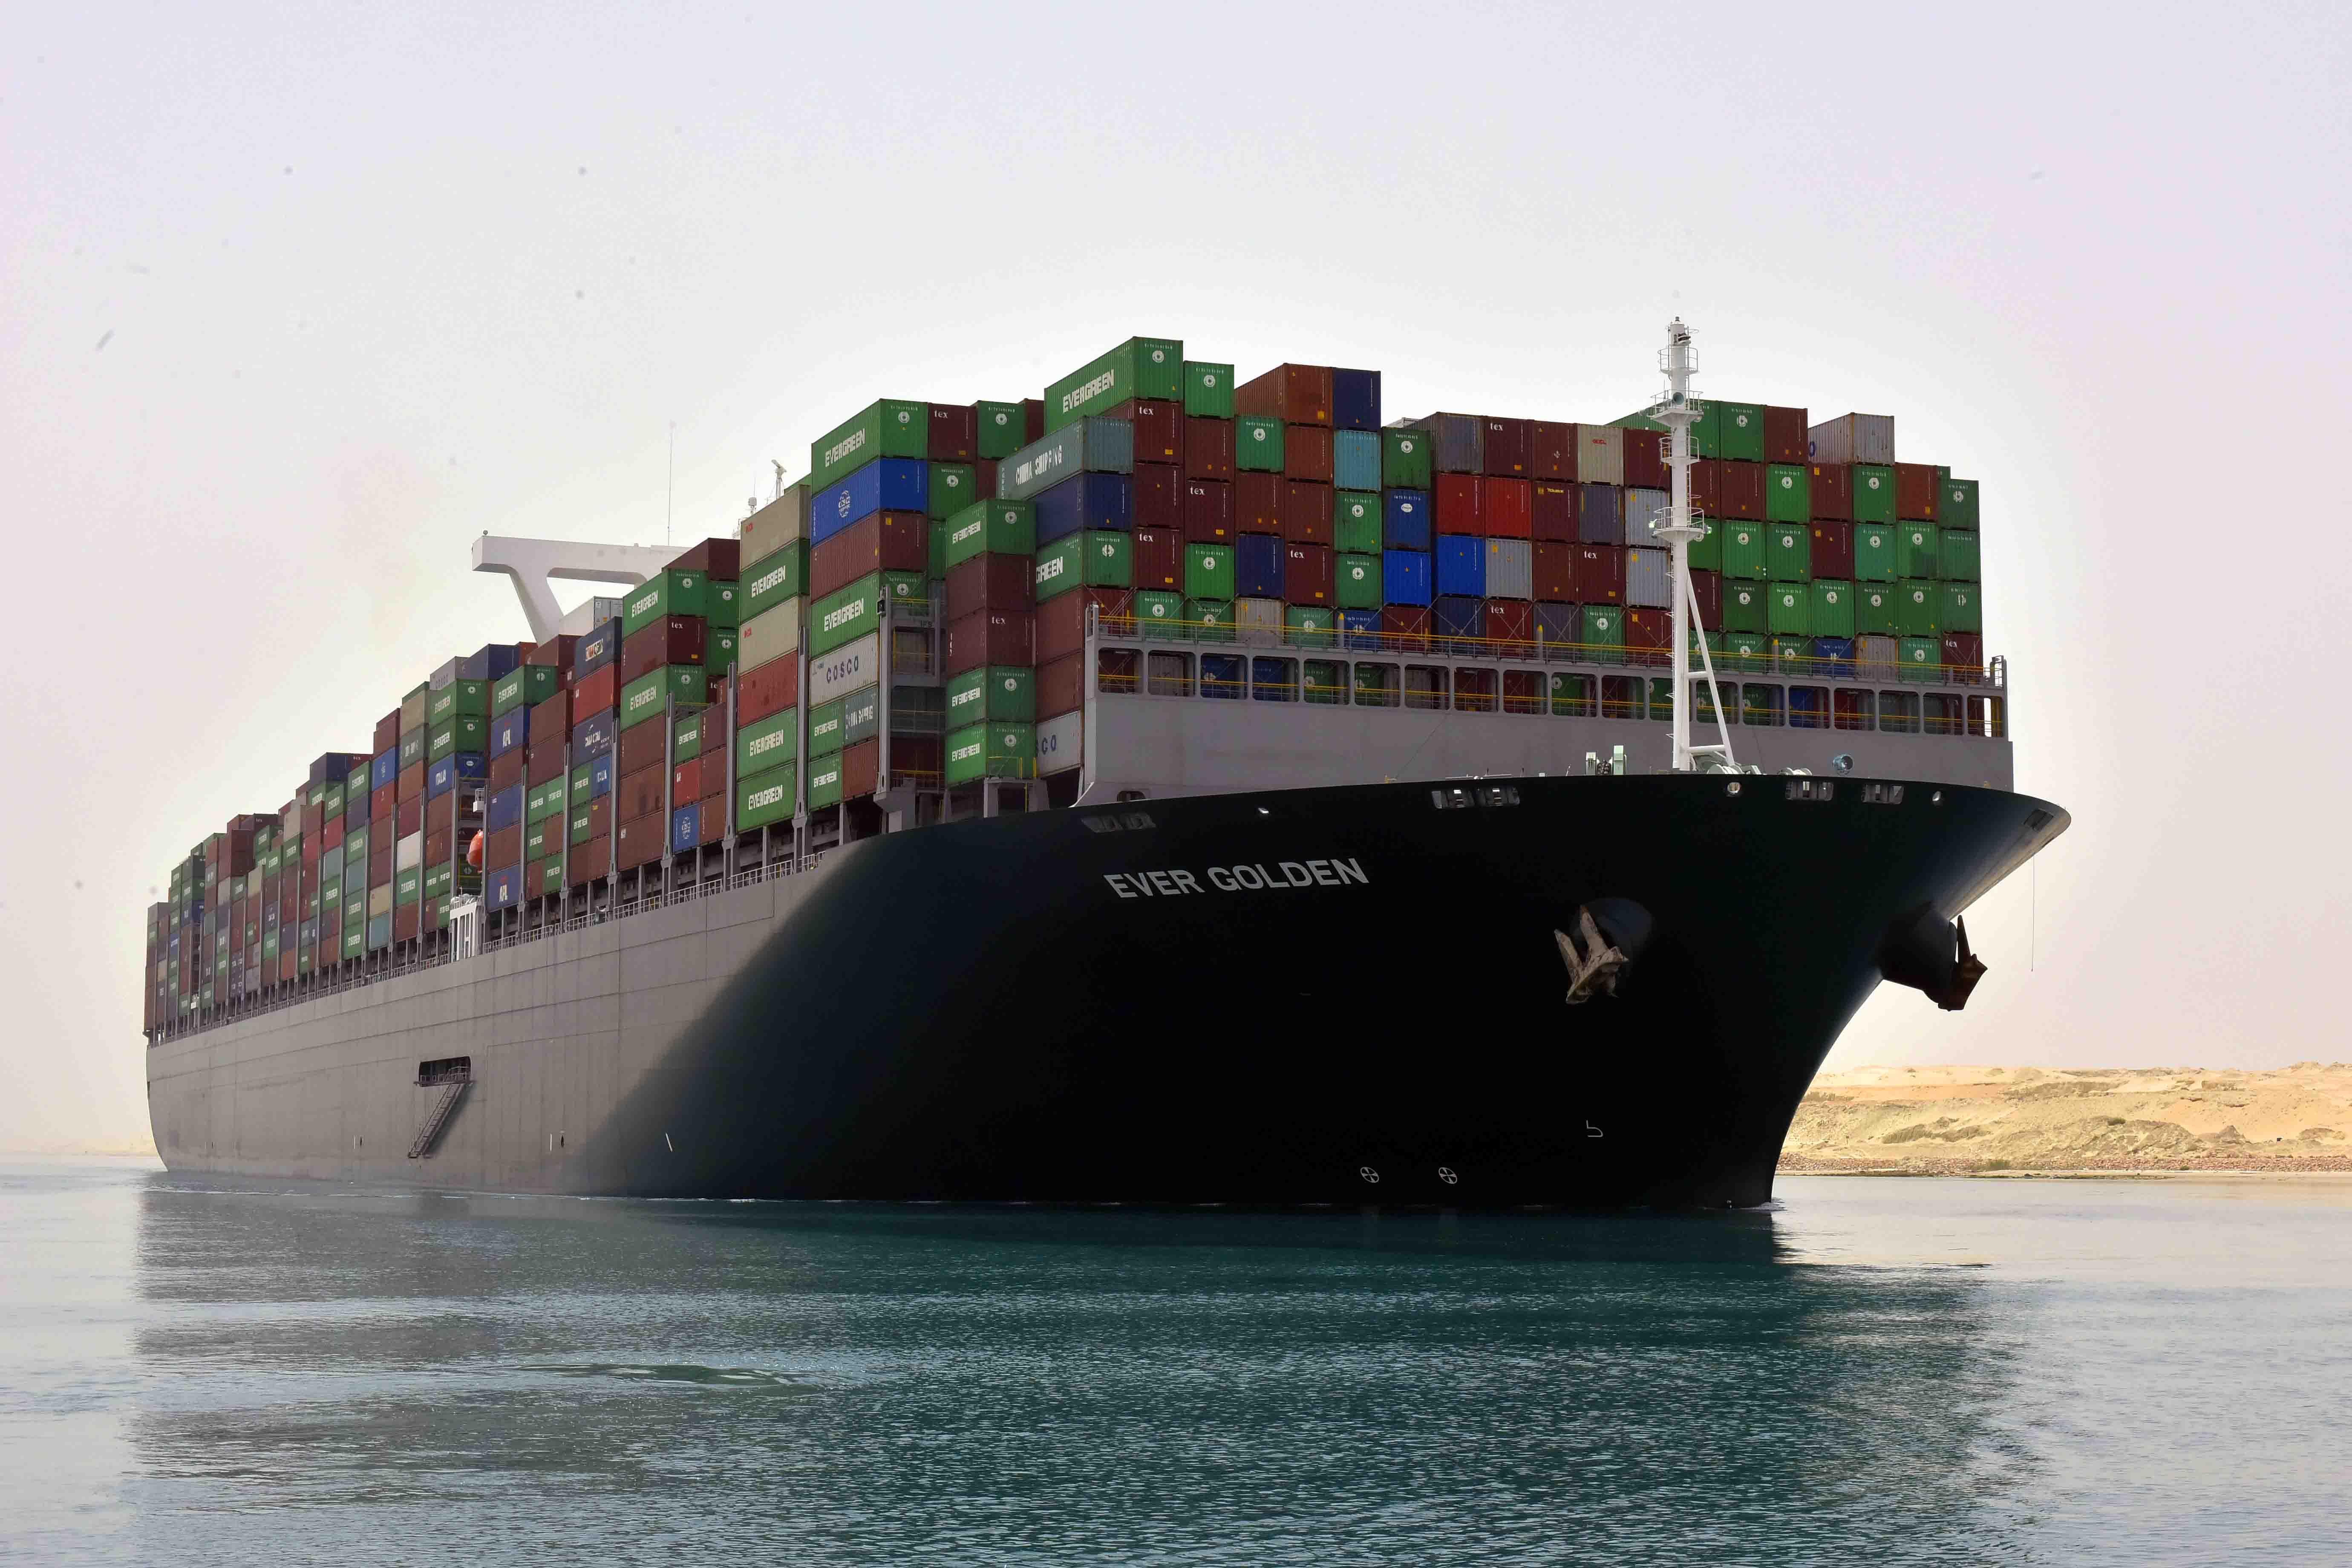 السفينة Ever4-  Golden تعبر القناة من السويس متجهه إلى بورسعيد